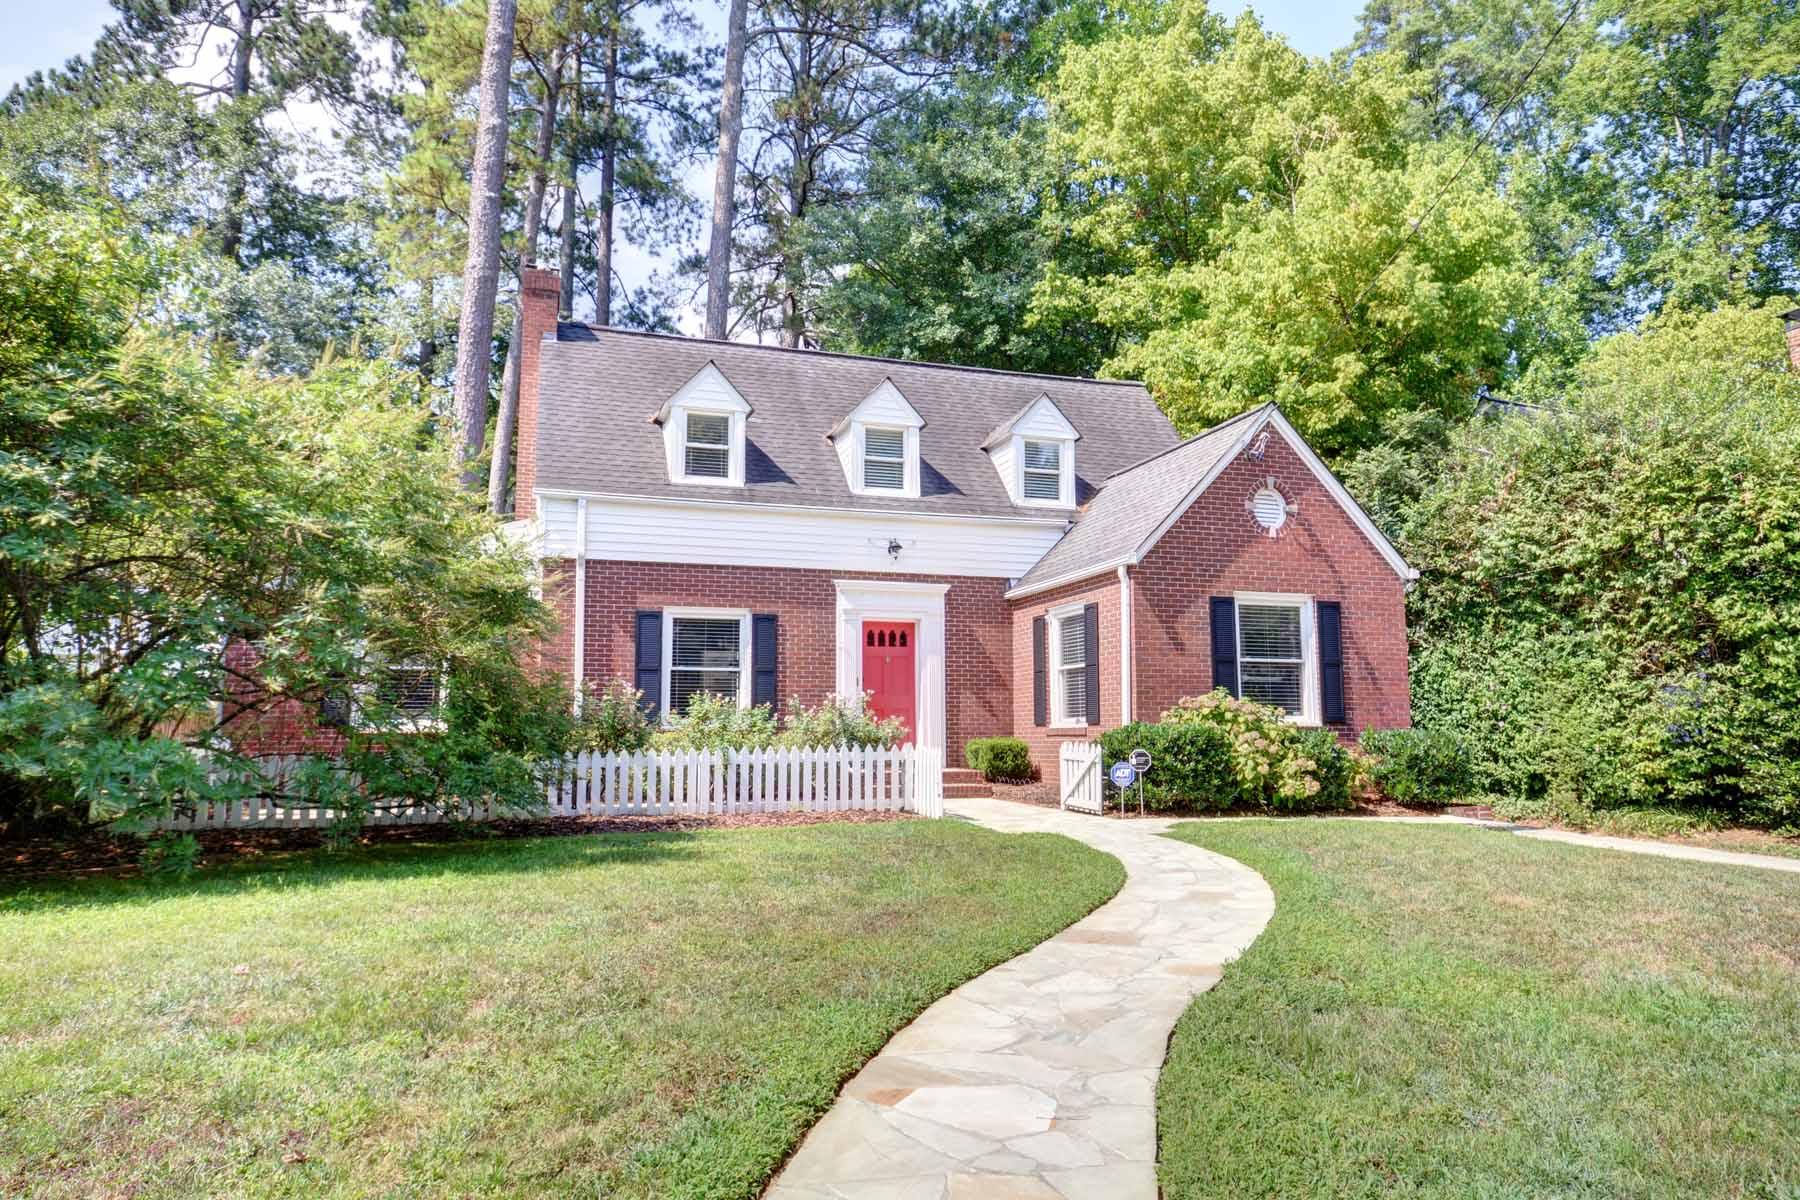 Maison unifamiliale pour l Vente à Charming MorningsideJohnson Estates Home 1772 Meadowdale Avenue Morningside, Atlanta, Georgia, 30306 États-Unis